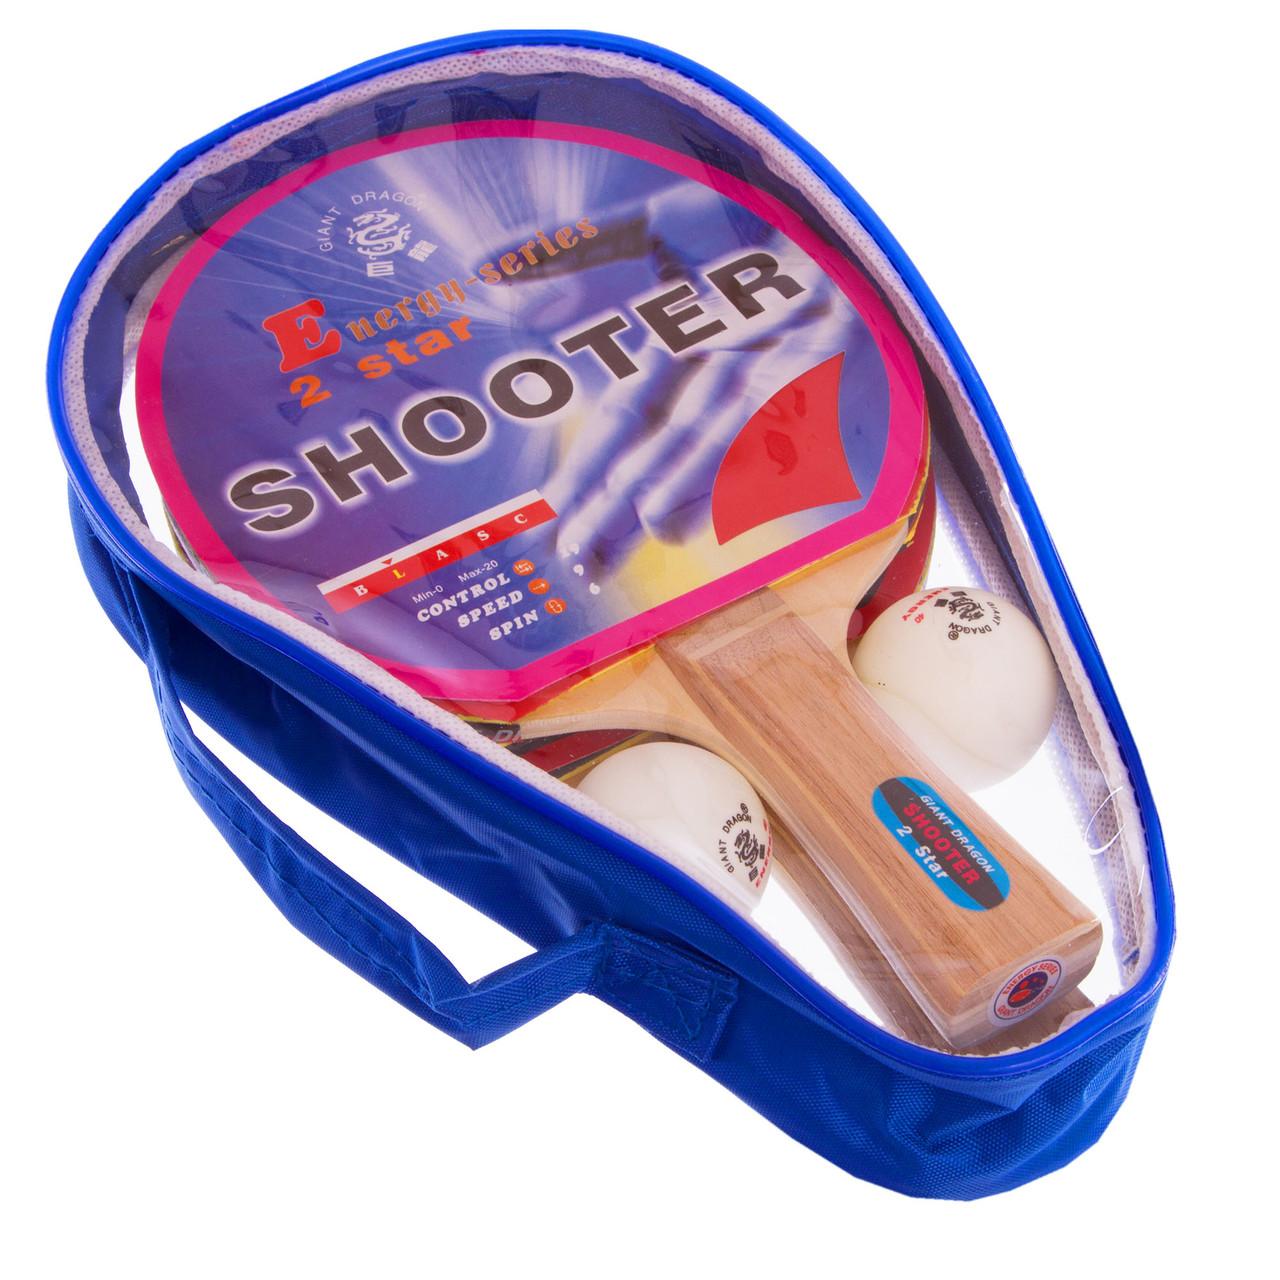 Набор для настольного тенниса GIANT DRAGON 2* 2 ракетки, 2 мяча c чехлом MT-5682